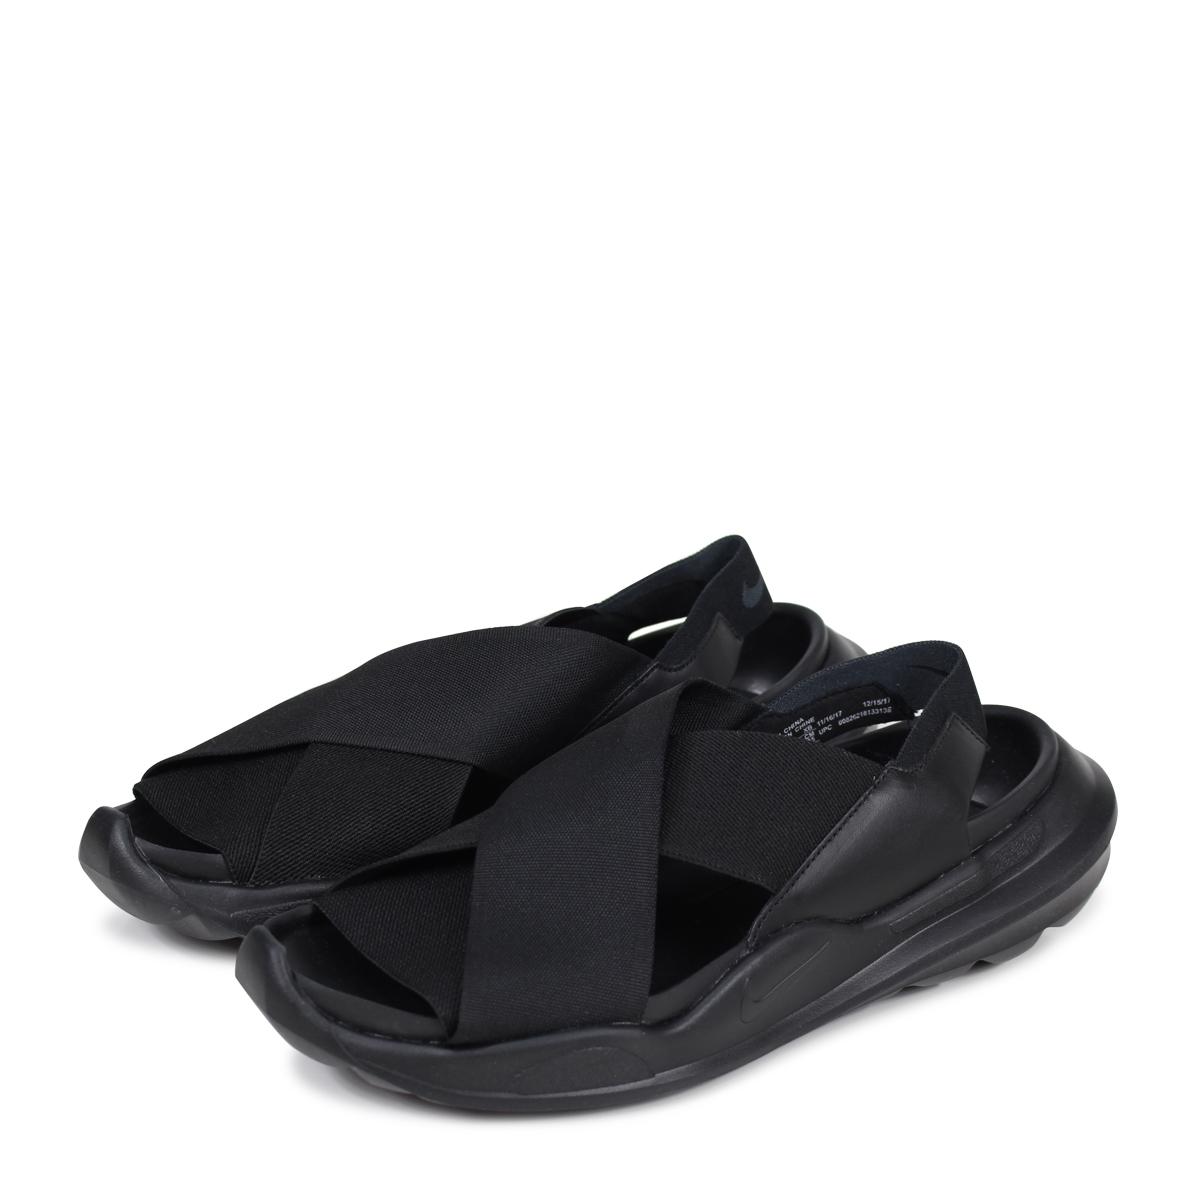 スポーツサンダル ペア買い サンダル 夏フェス レディース サンダル 2018新作 BLACK メンズ WMNS PRAKTISK ナイキ